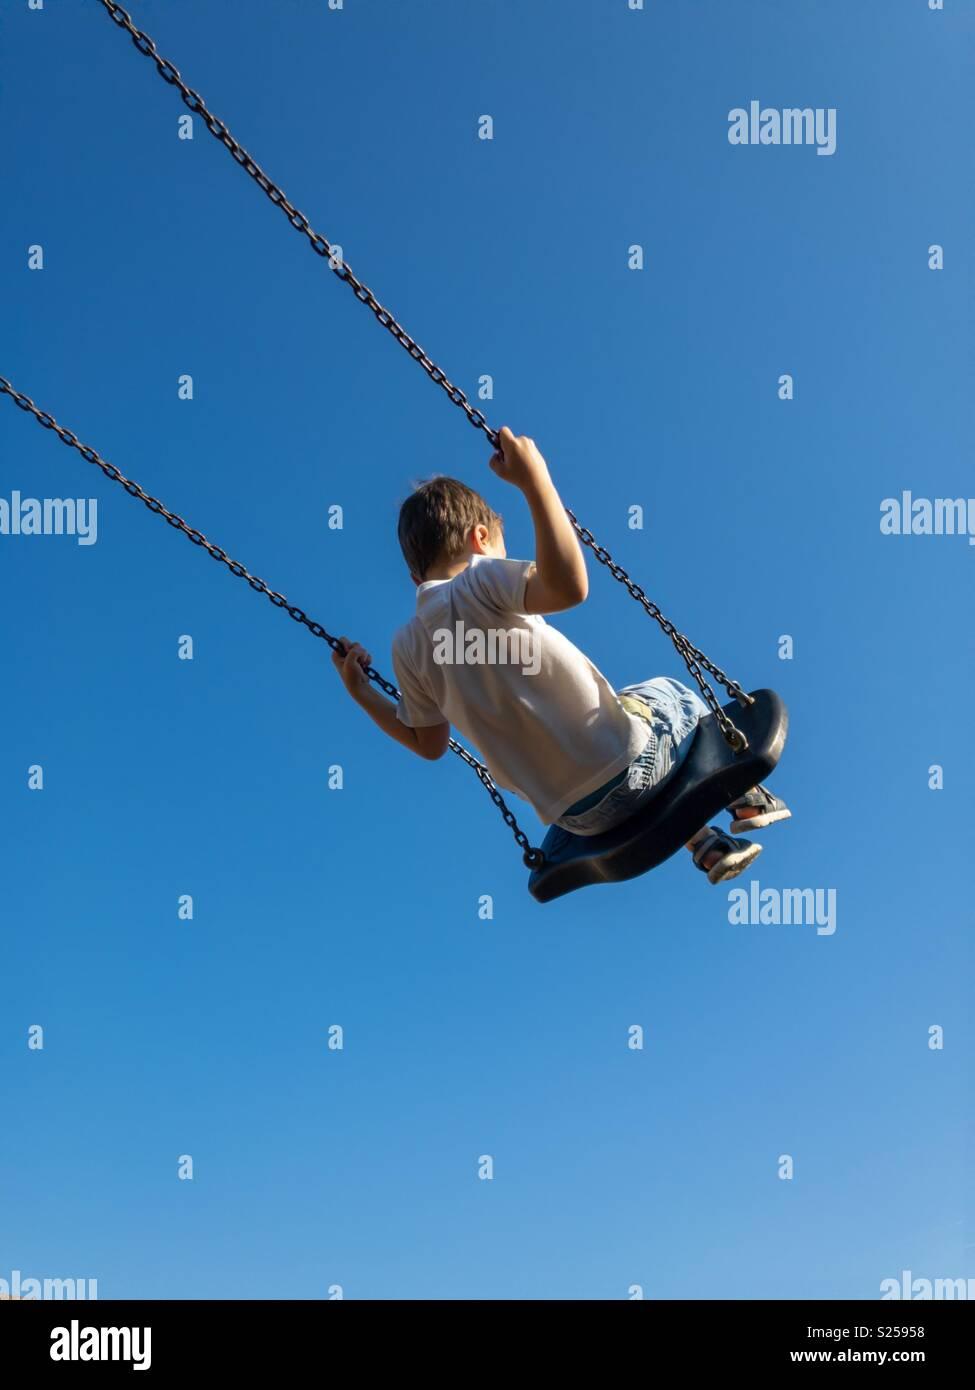 Ragazzo volare alto su altalena, ricordi di infanzia concept Immagini Stock